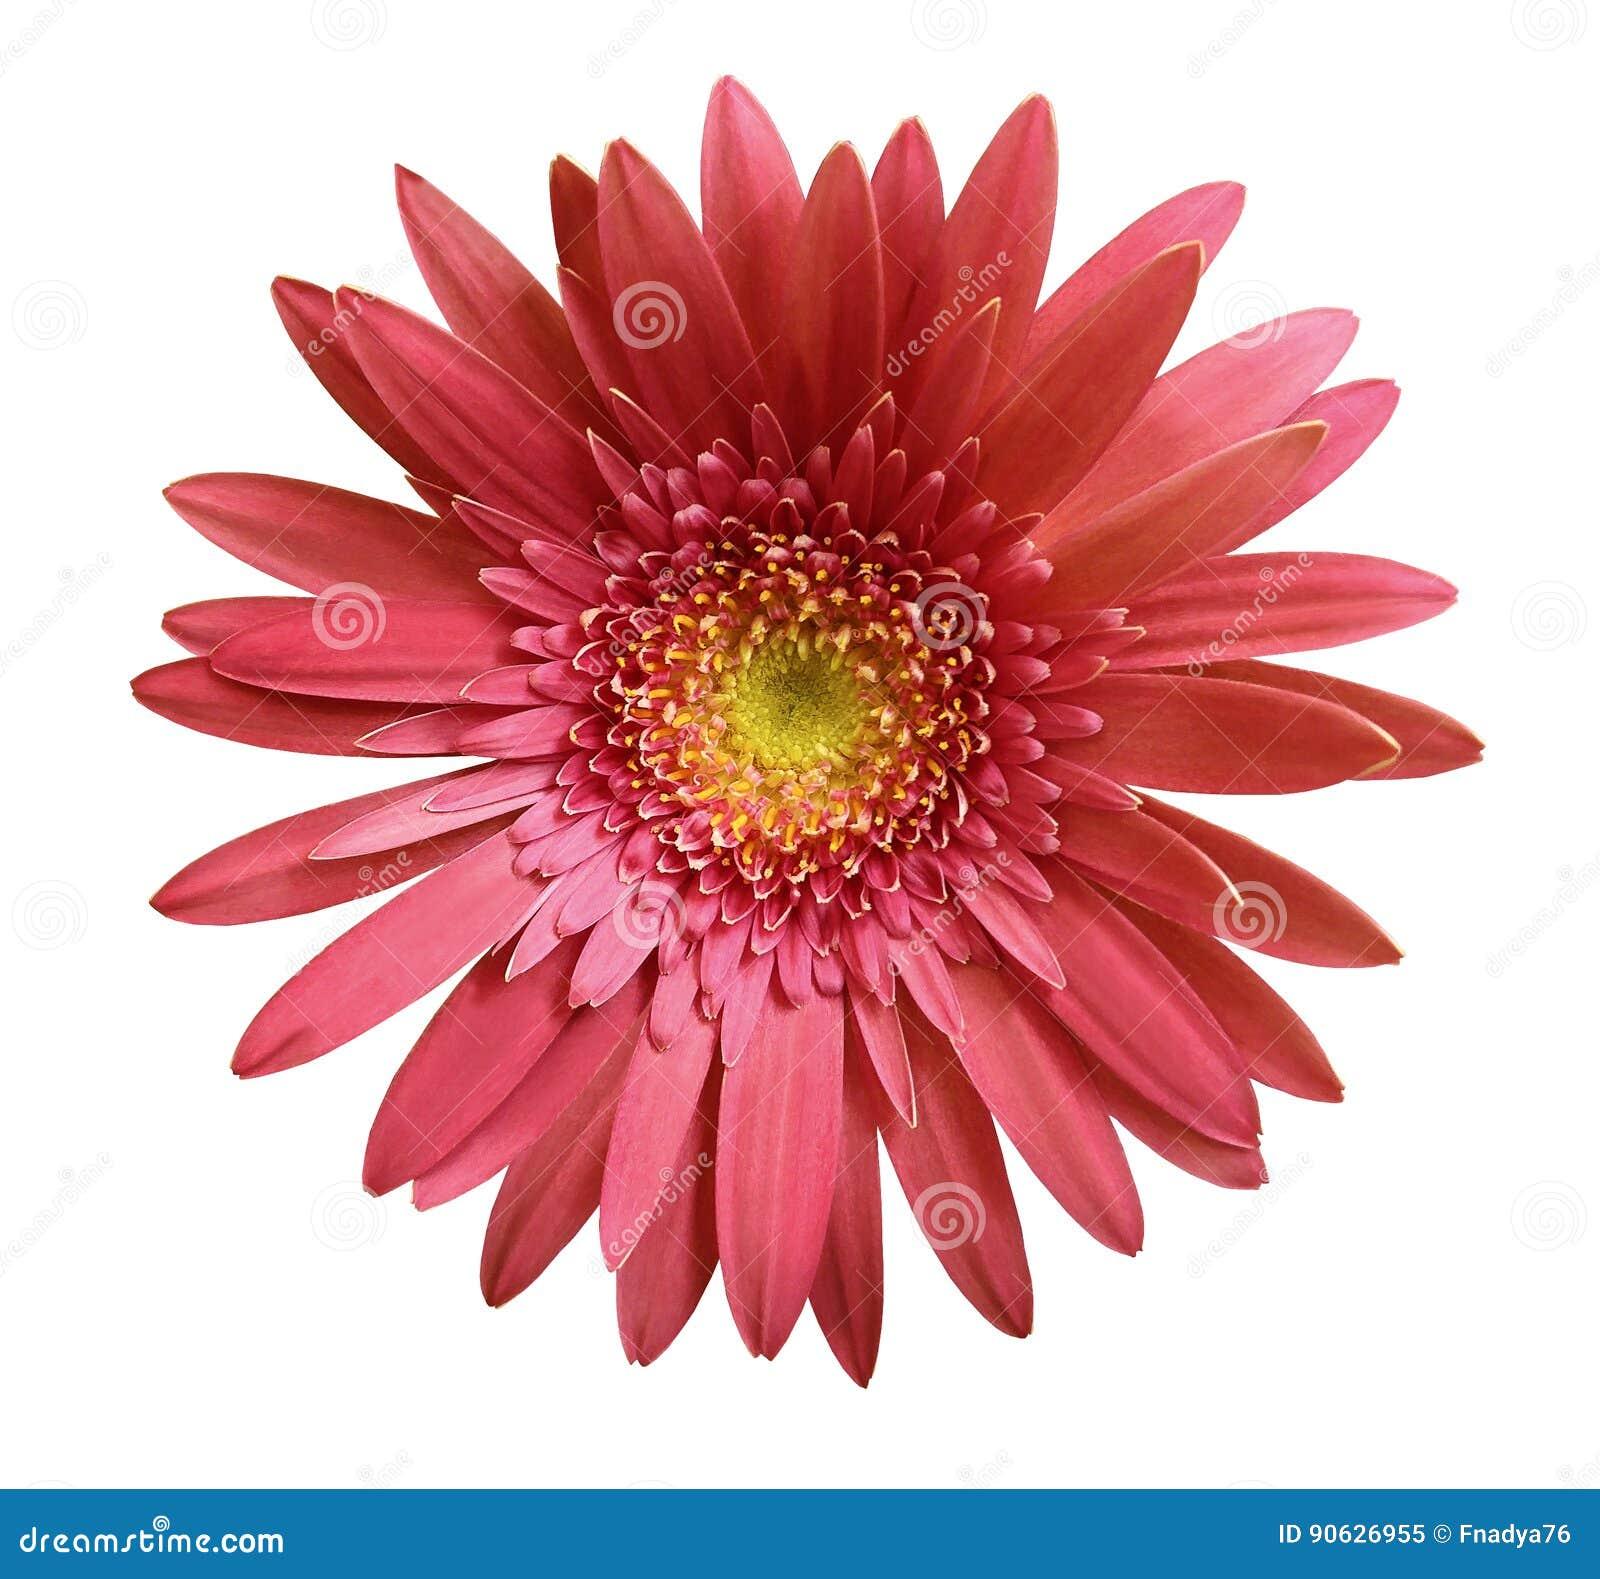 La flor rosada del gerbera en blanco aisló el fondo con la trayectoria de recortes primer Ningunas sombras Para el diseño